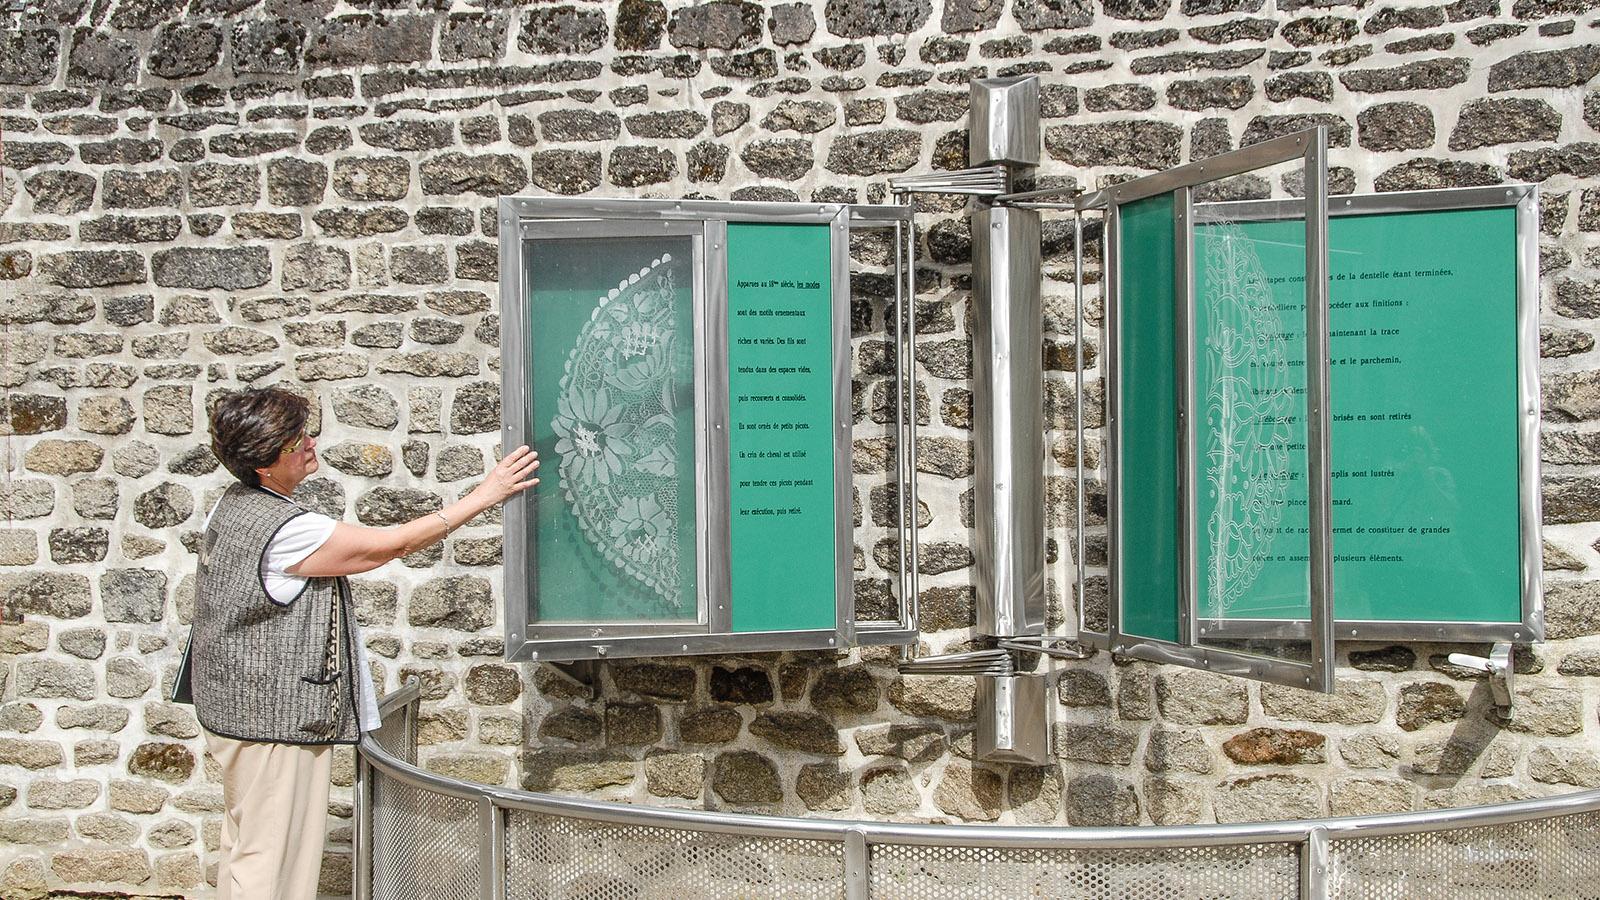 FVor der Fassade des Musée des Beaux Arts et de la Dentelle stellen Tafeln die Alençon-Spitze vor. Marie-Hélène Augé zeigt sie. Foto: Hilke Maunder